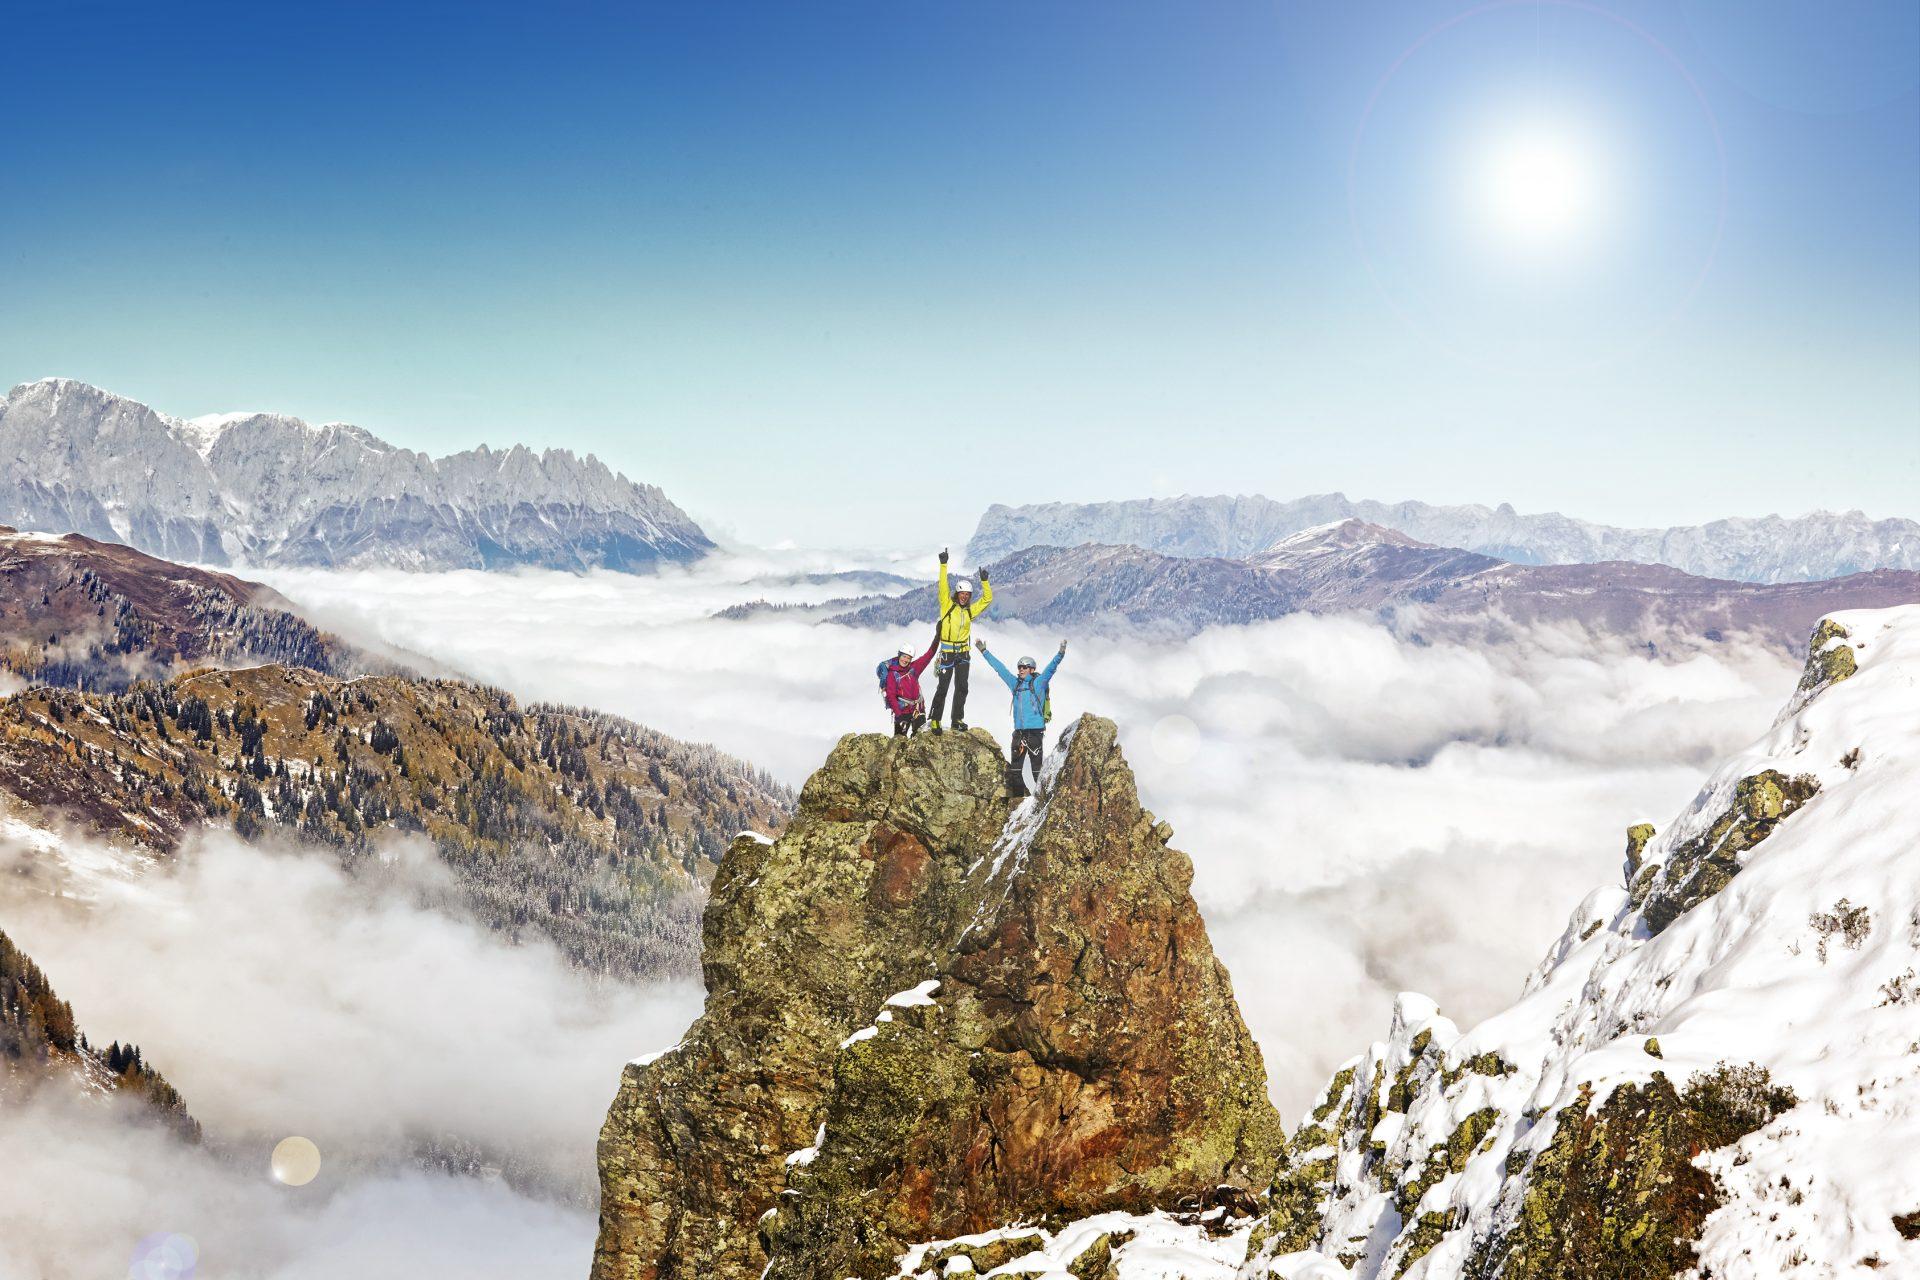 3 Kletterer haben den Gipfel erklommen. Fotograf: Jörg Saibou, Köln.